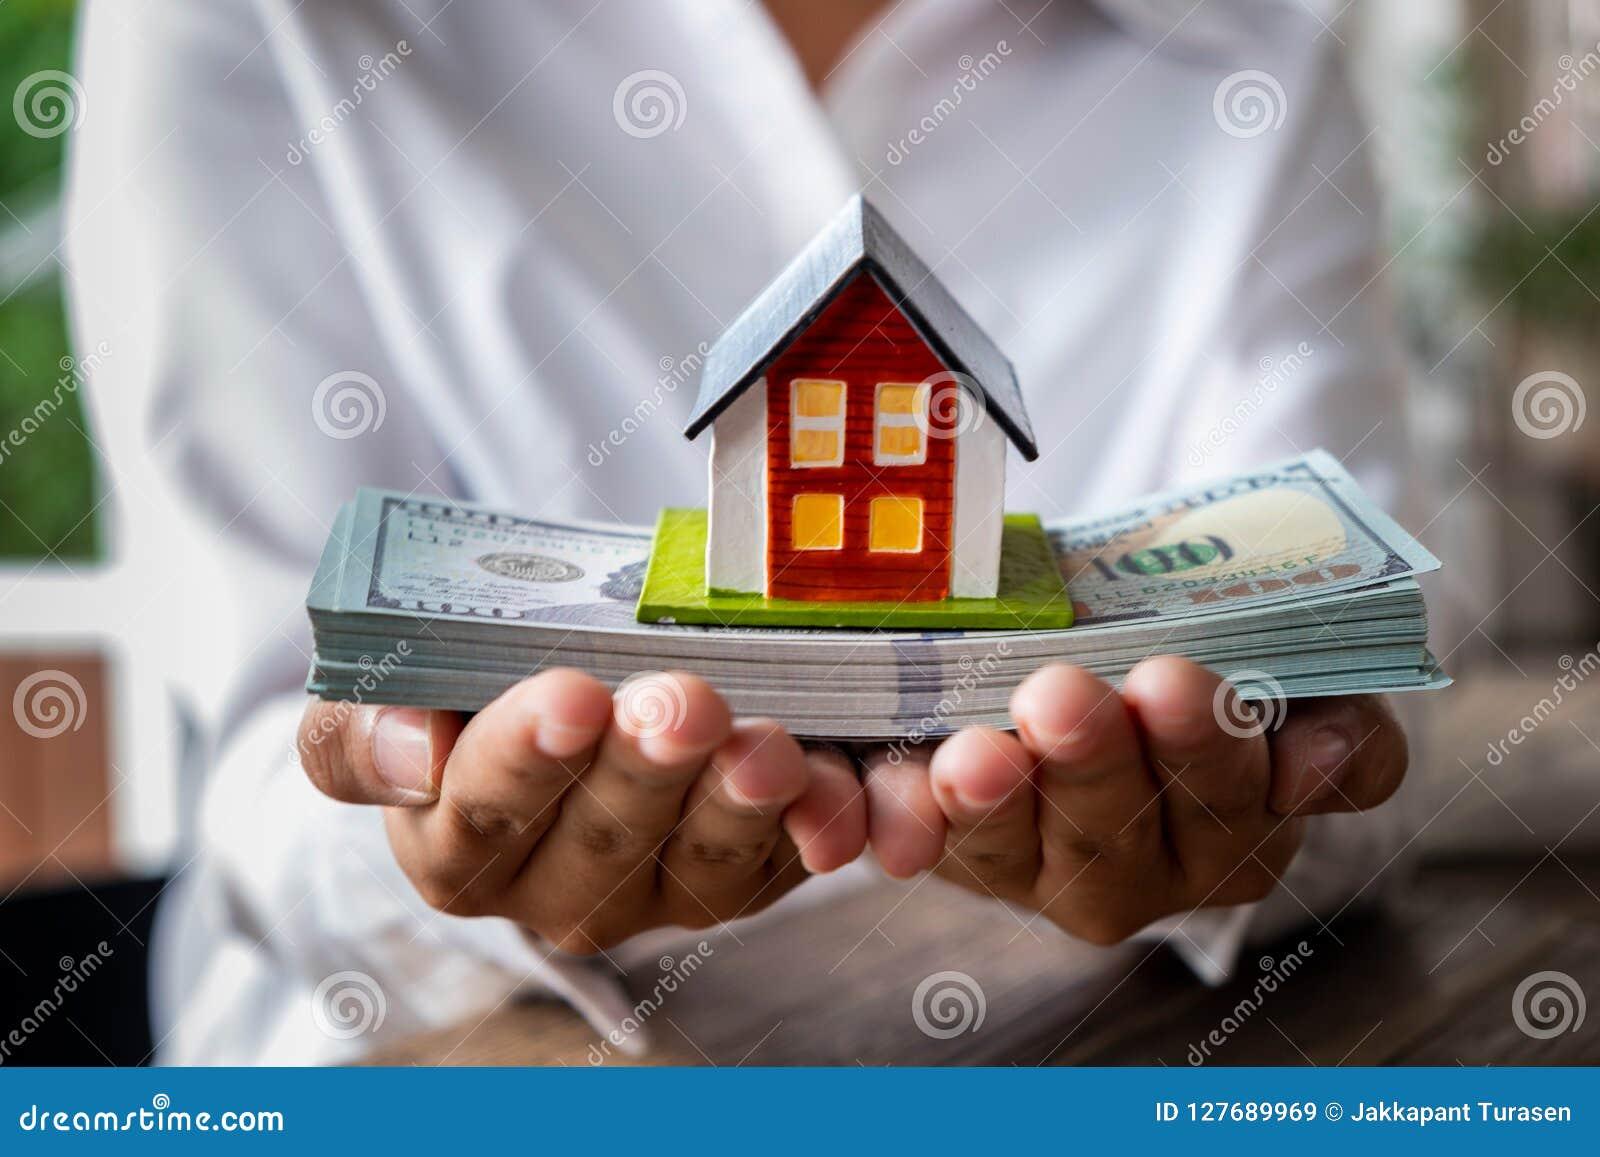 Domowy model i pieniądze w ręce